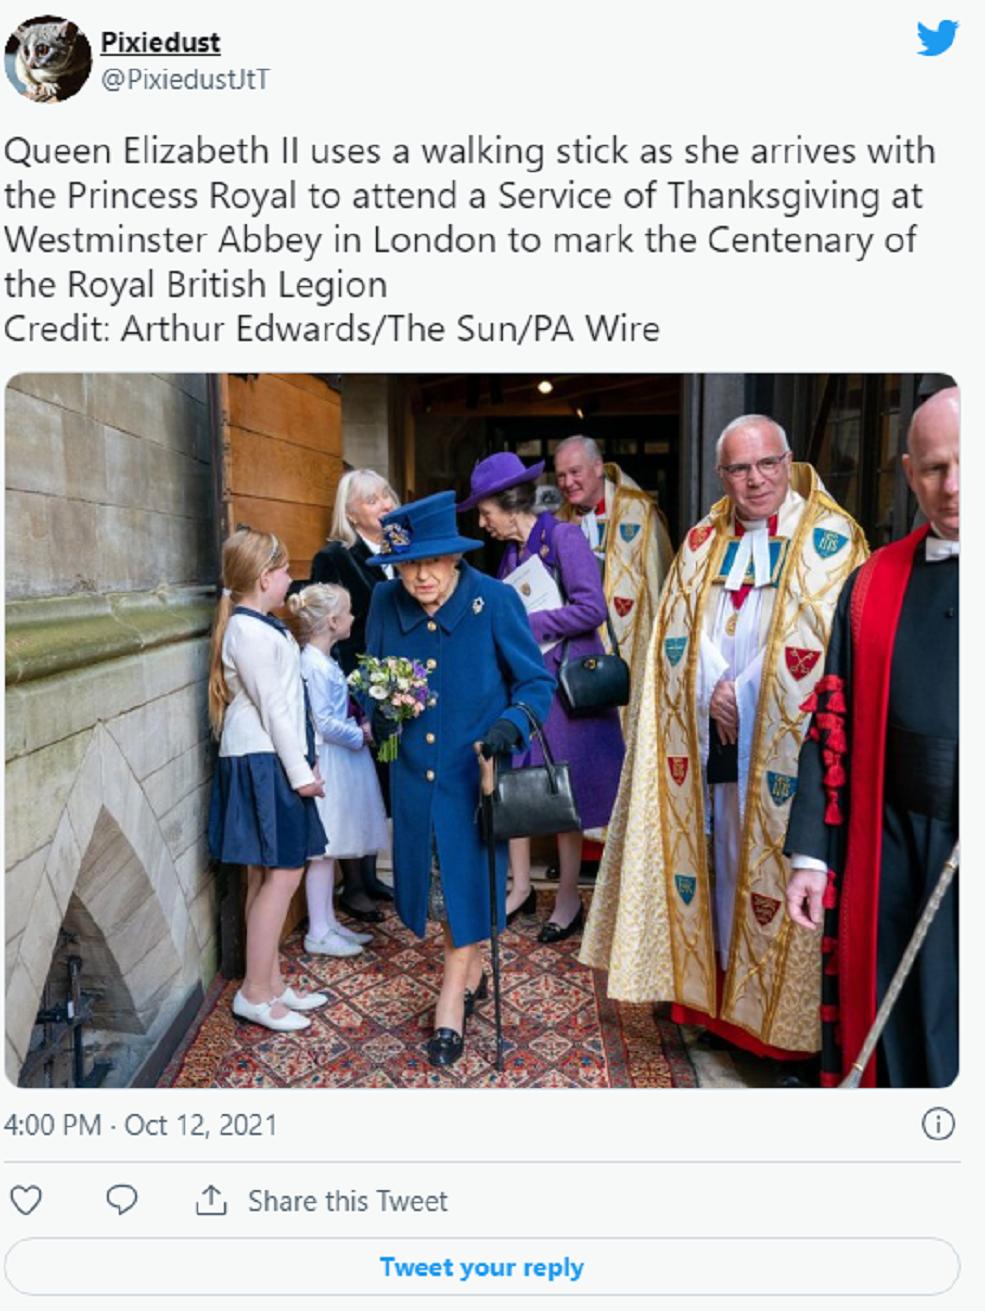 英国女王伊丽莎白二世首次拄拐杖出现在公众面前